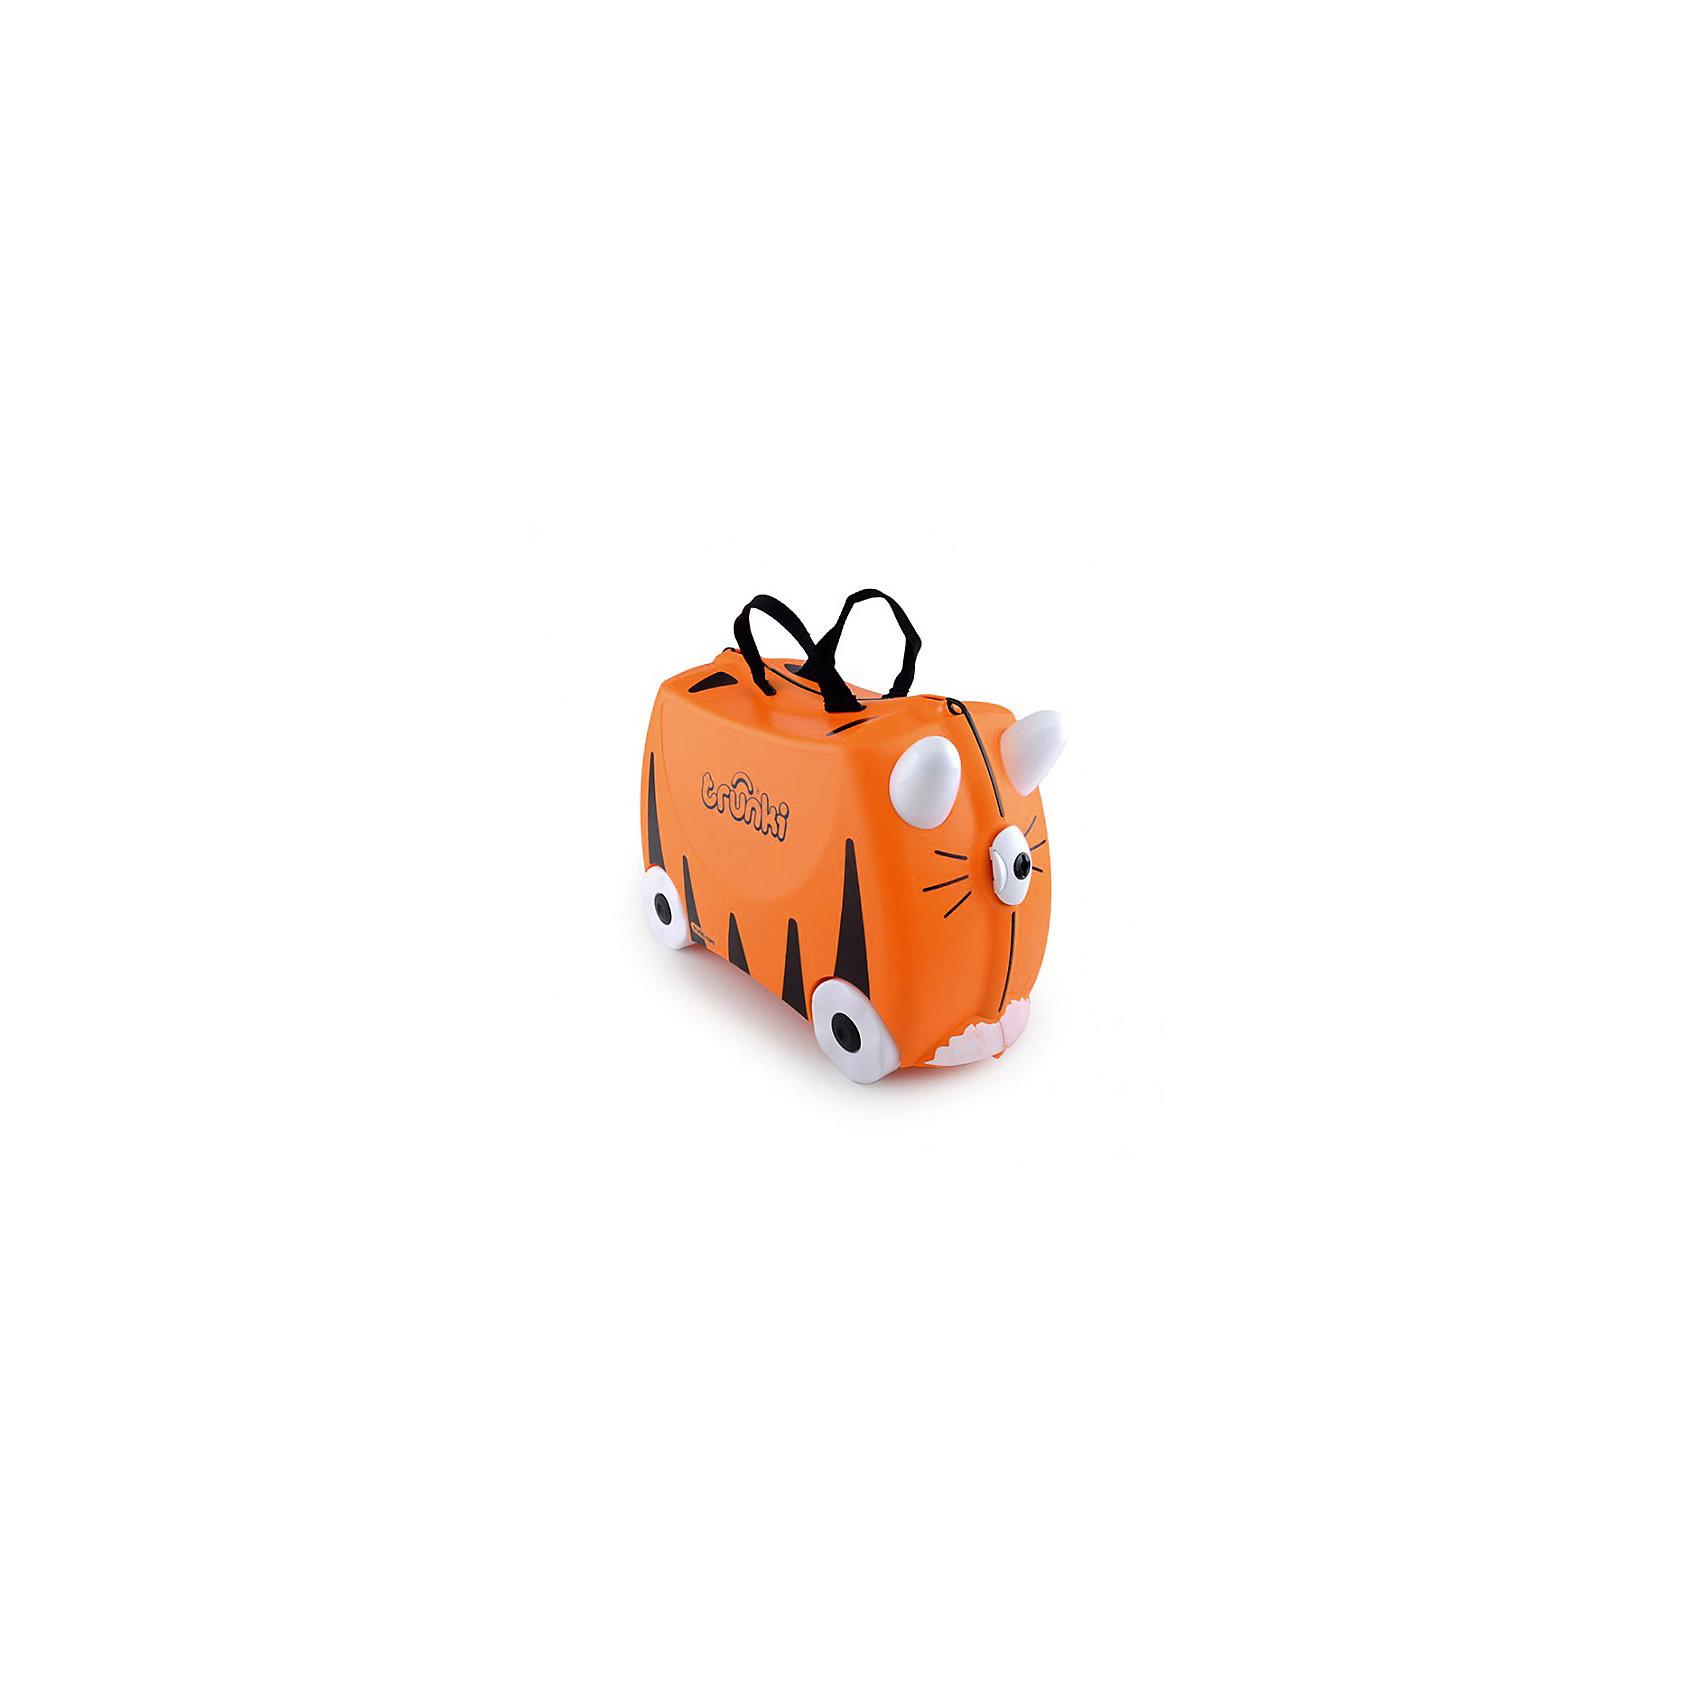 Чемодан на колесиках ТигрДорожные сумки и чемоданы<br>Чемодан на колесиках Tipu Tiger - оригинальный детский чемодан в виде тигра. В него ребенок может сложить все свои вещи и игрушки, на него можно присесть в любой момент, его можно повозить за специальную ручку или же покататься на нем. Невероятно модный и стильный дорожный аксессуар без сомнения понравится любому ребенку. <br><br>Дополнительная информация:<br><br>- Материал: пластик, металл.<br>- Колеса: 4 шт.<br>- Размер: 31х21х46 см. <br>- Вместительность: 18 литров. <br>- Вес: 1,7 кг.<br>- Количество отделений: 2.<br>- Цвет: оранжевый.<br>- Максимальный вес: 45 кг. <br><br>Чемодан на колесиках Тигр от trunki (Транки) можно купить в нашем магазине.<br><br>Ширина мм: 480<br>Глубина мм: 350<br>Высота мм: 240<br>Вес г: 2200<br>Возраст от месяцев: 36<br>Возраст до месяцев: 72<br>Пол: Унисекс<br>Возраст: Детский<br>SKU: 1857775